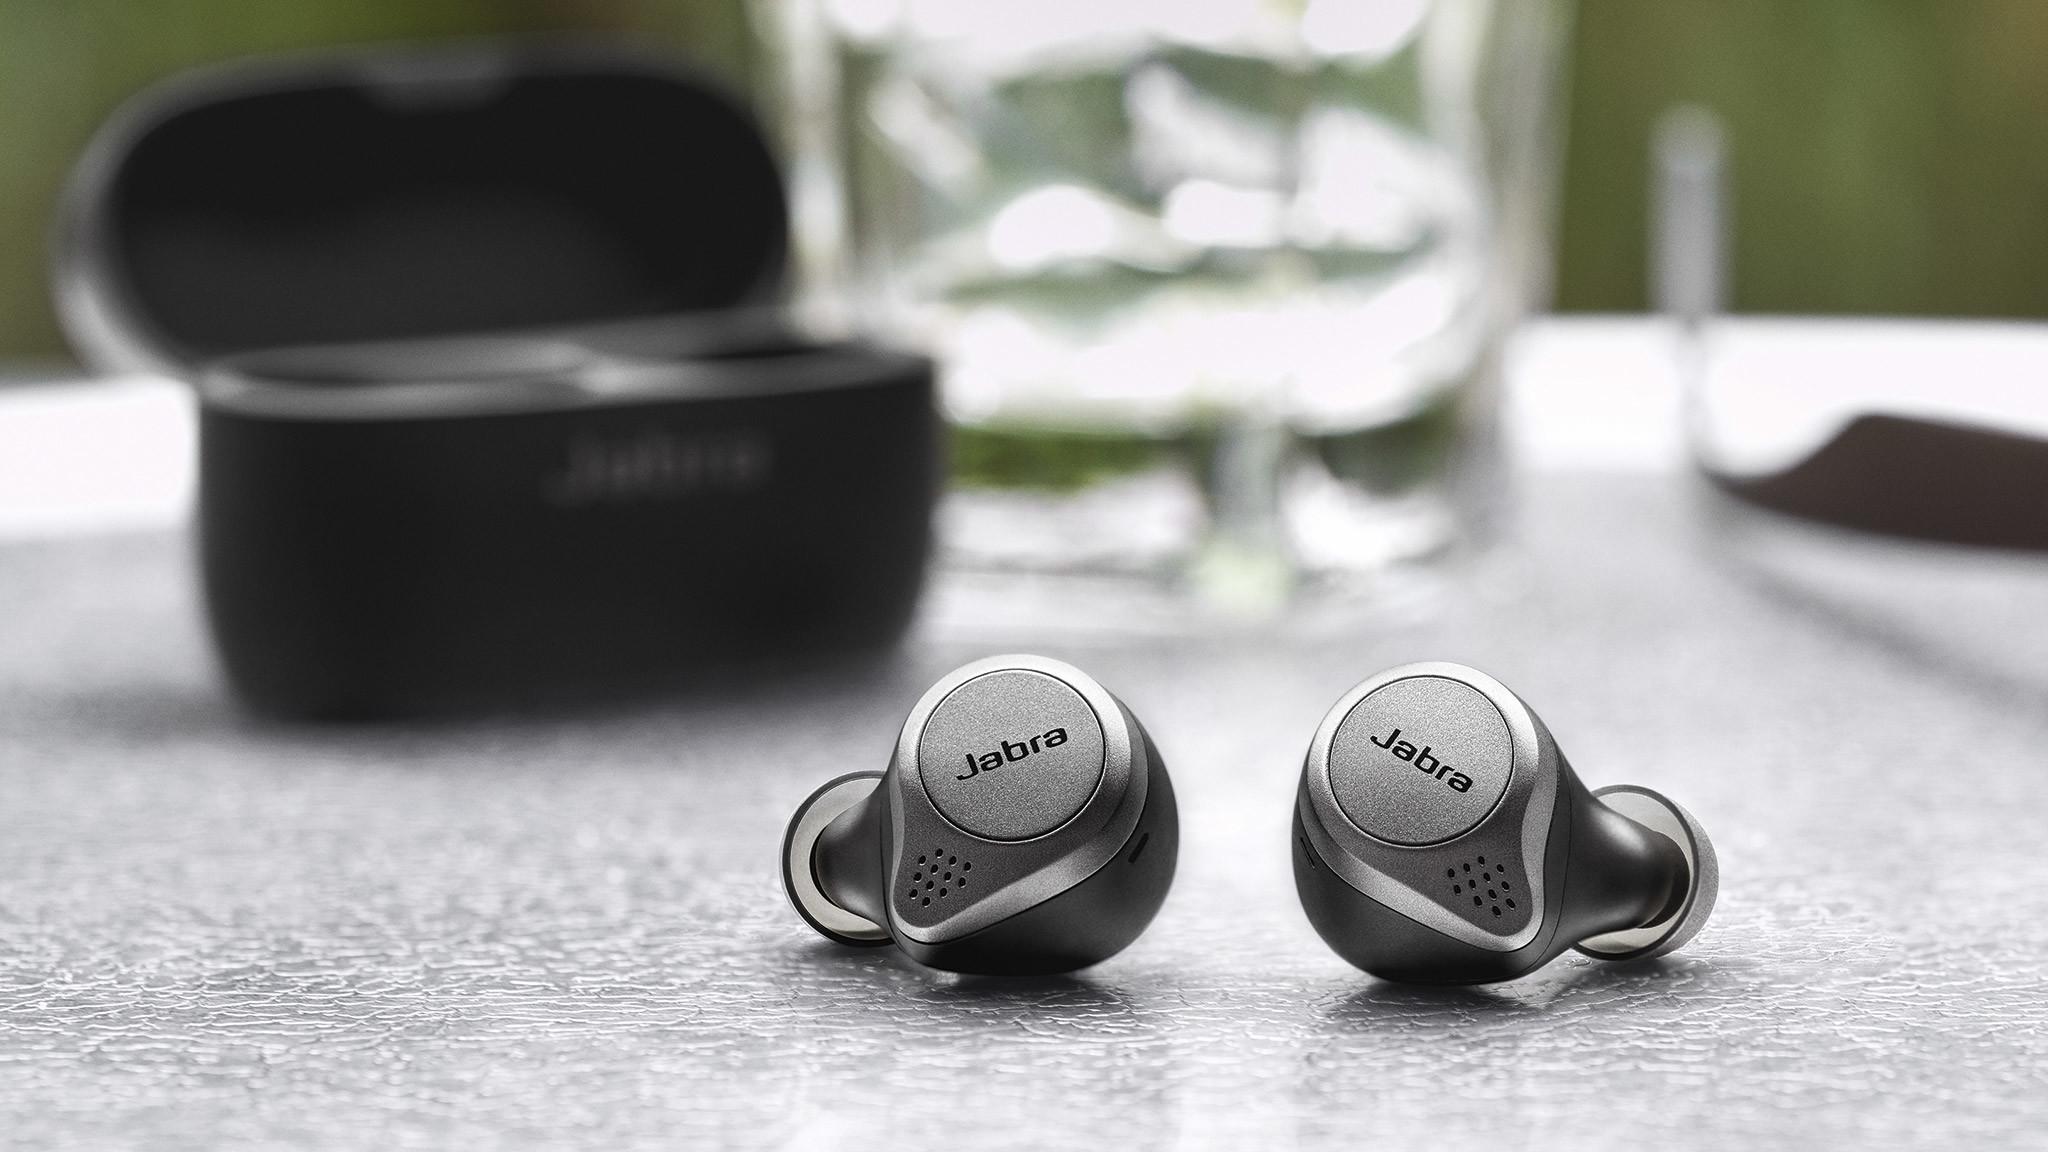 Jabra Elite 75t im Test: Die In-Ears sind klein und sitzen gut im Ohr.©Jabra